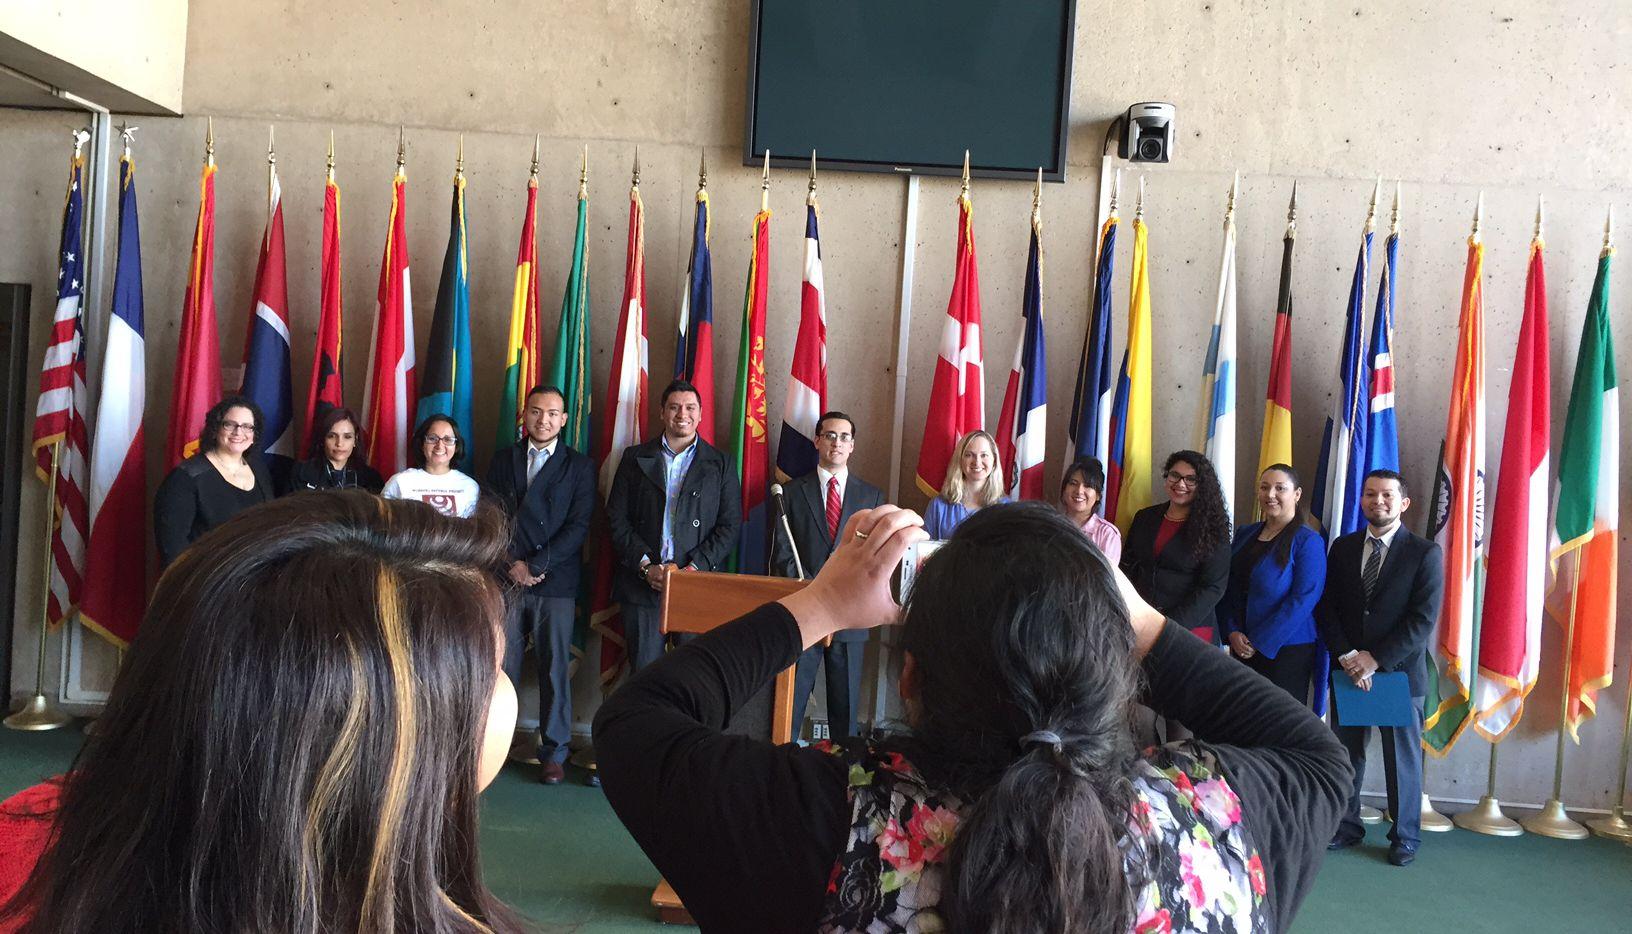 Coalición de organizaciones del metroplex organiza taller de ciudadanía este fin de semana en Dallas. (FOTO ANA AZPURUA/AL DÍA)